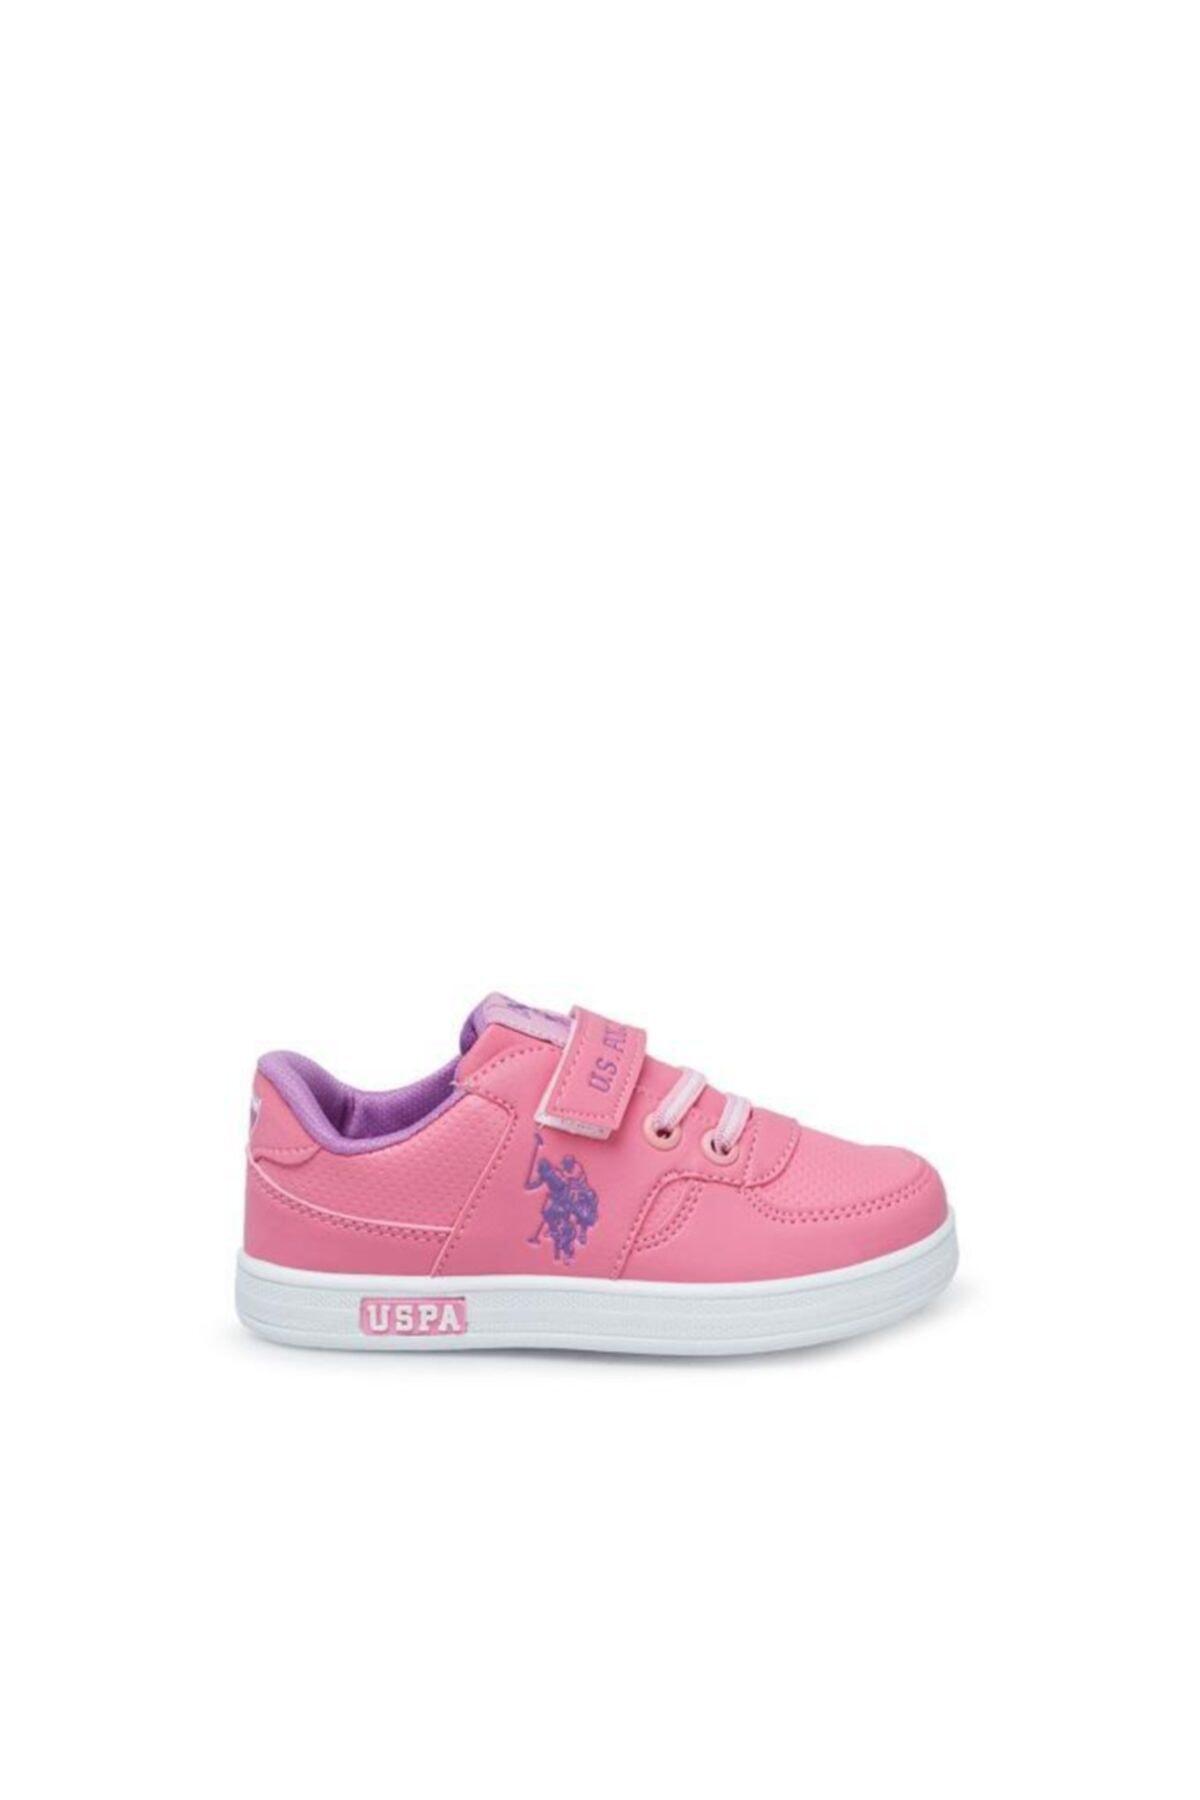 کفش اسپرت جدید بچه گانه دخترانه شیک برند U.S. Polo Assn. رنگ صورتی ty89950231